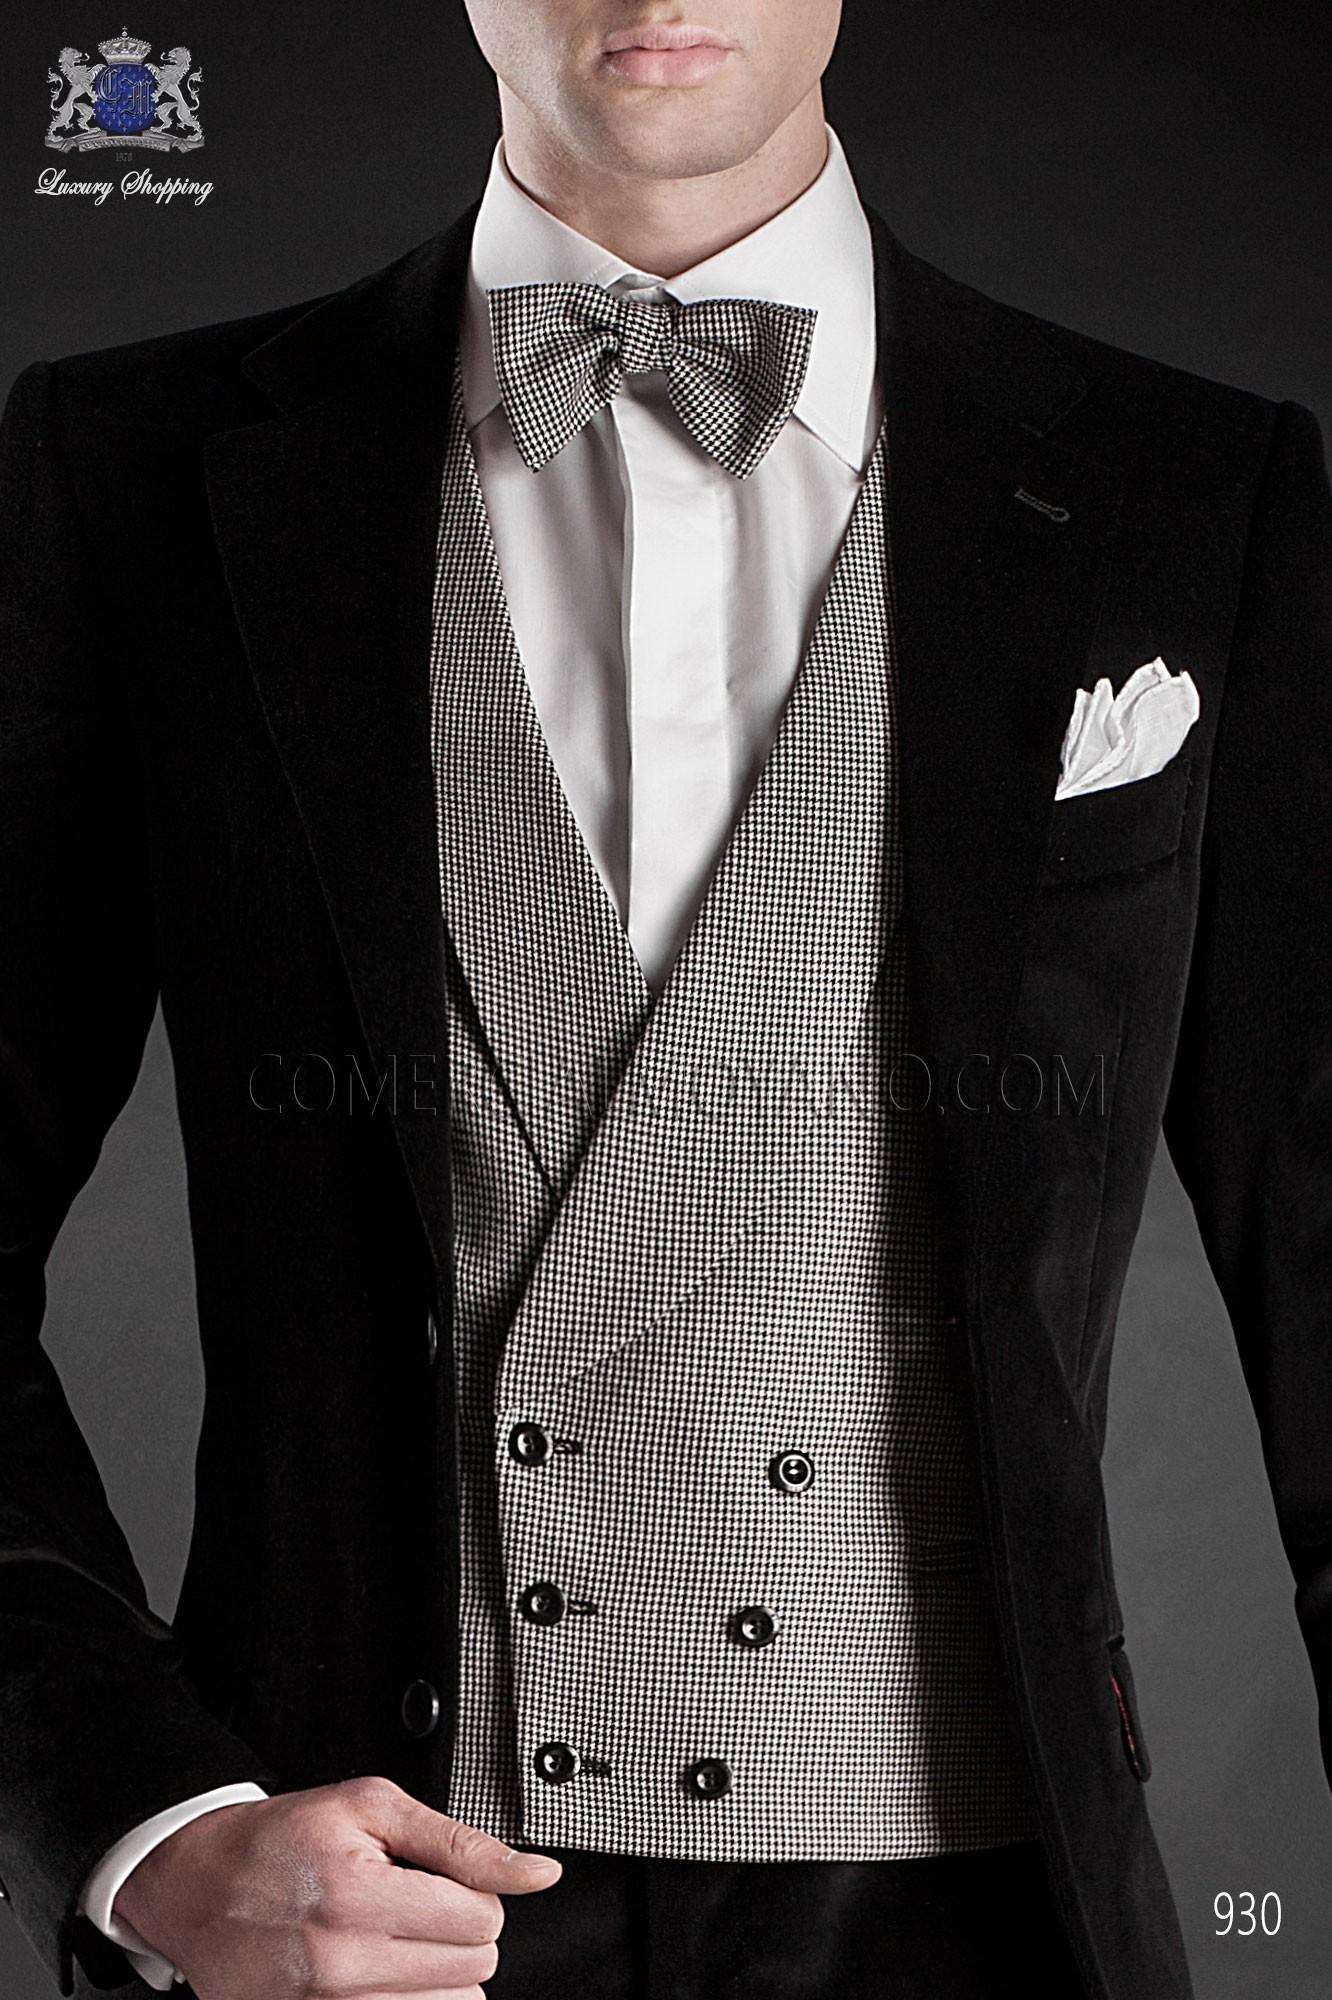 Traje BlackTie de novio negro modelo: 930 Ottavio Nuccio Gala colección Black Tie